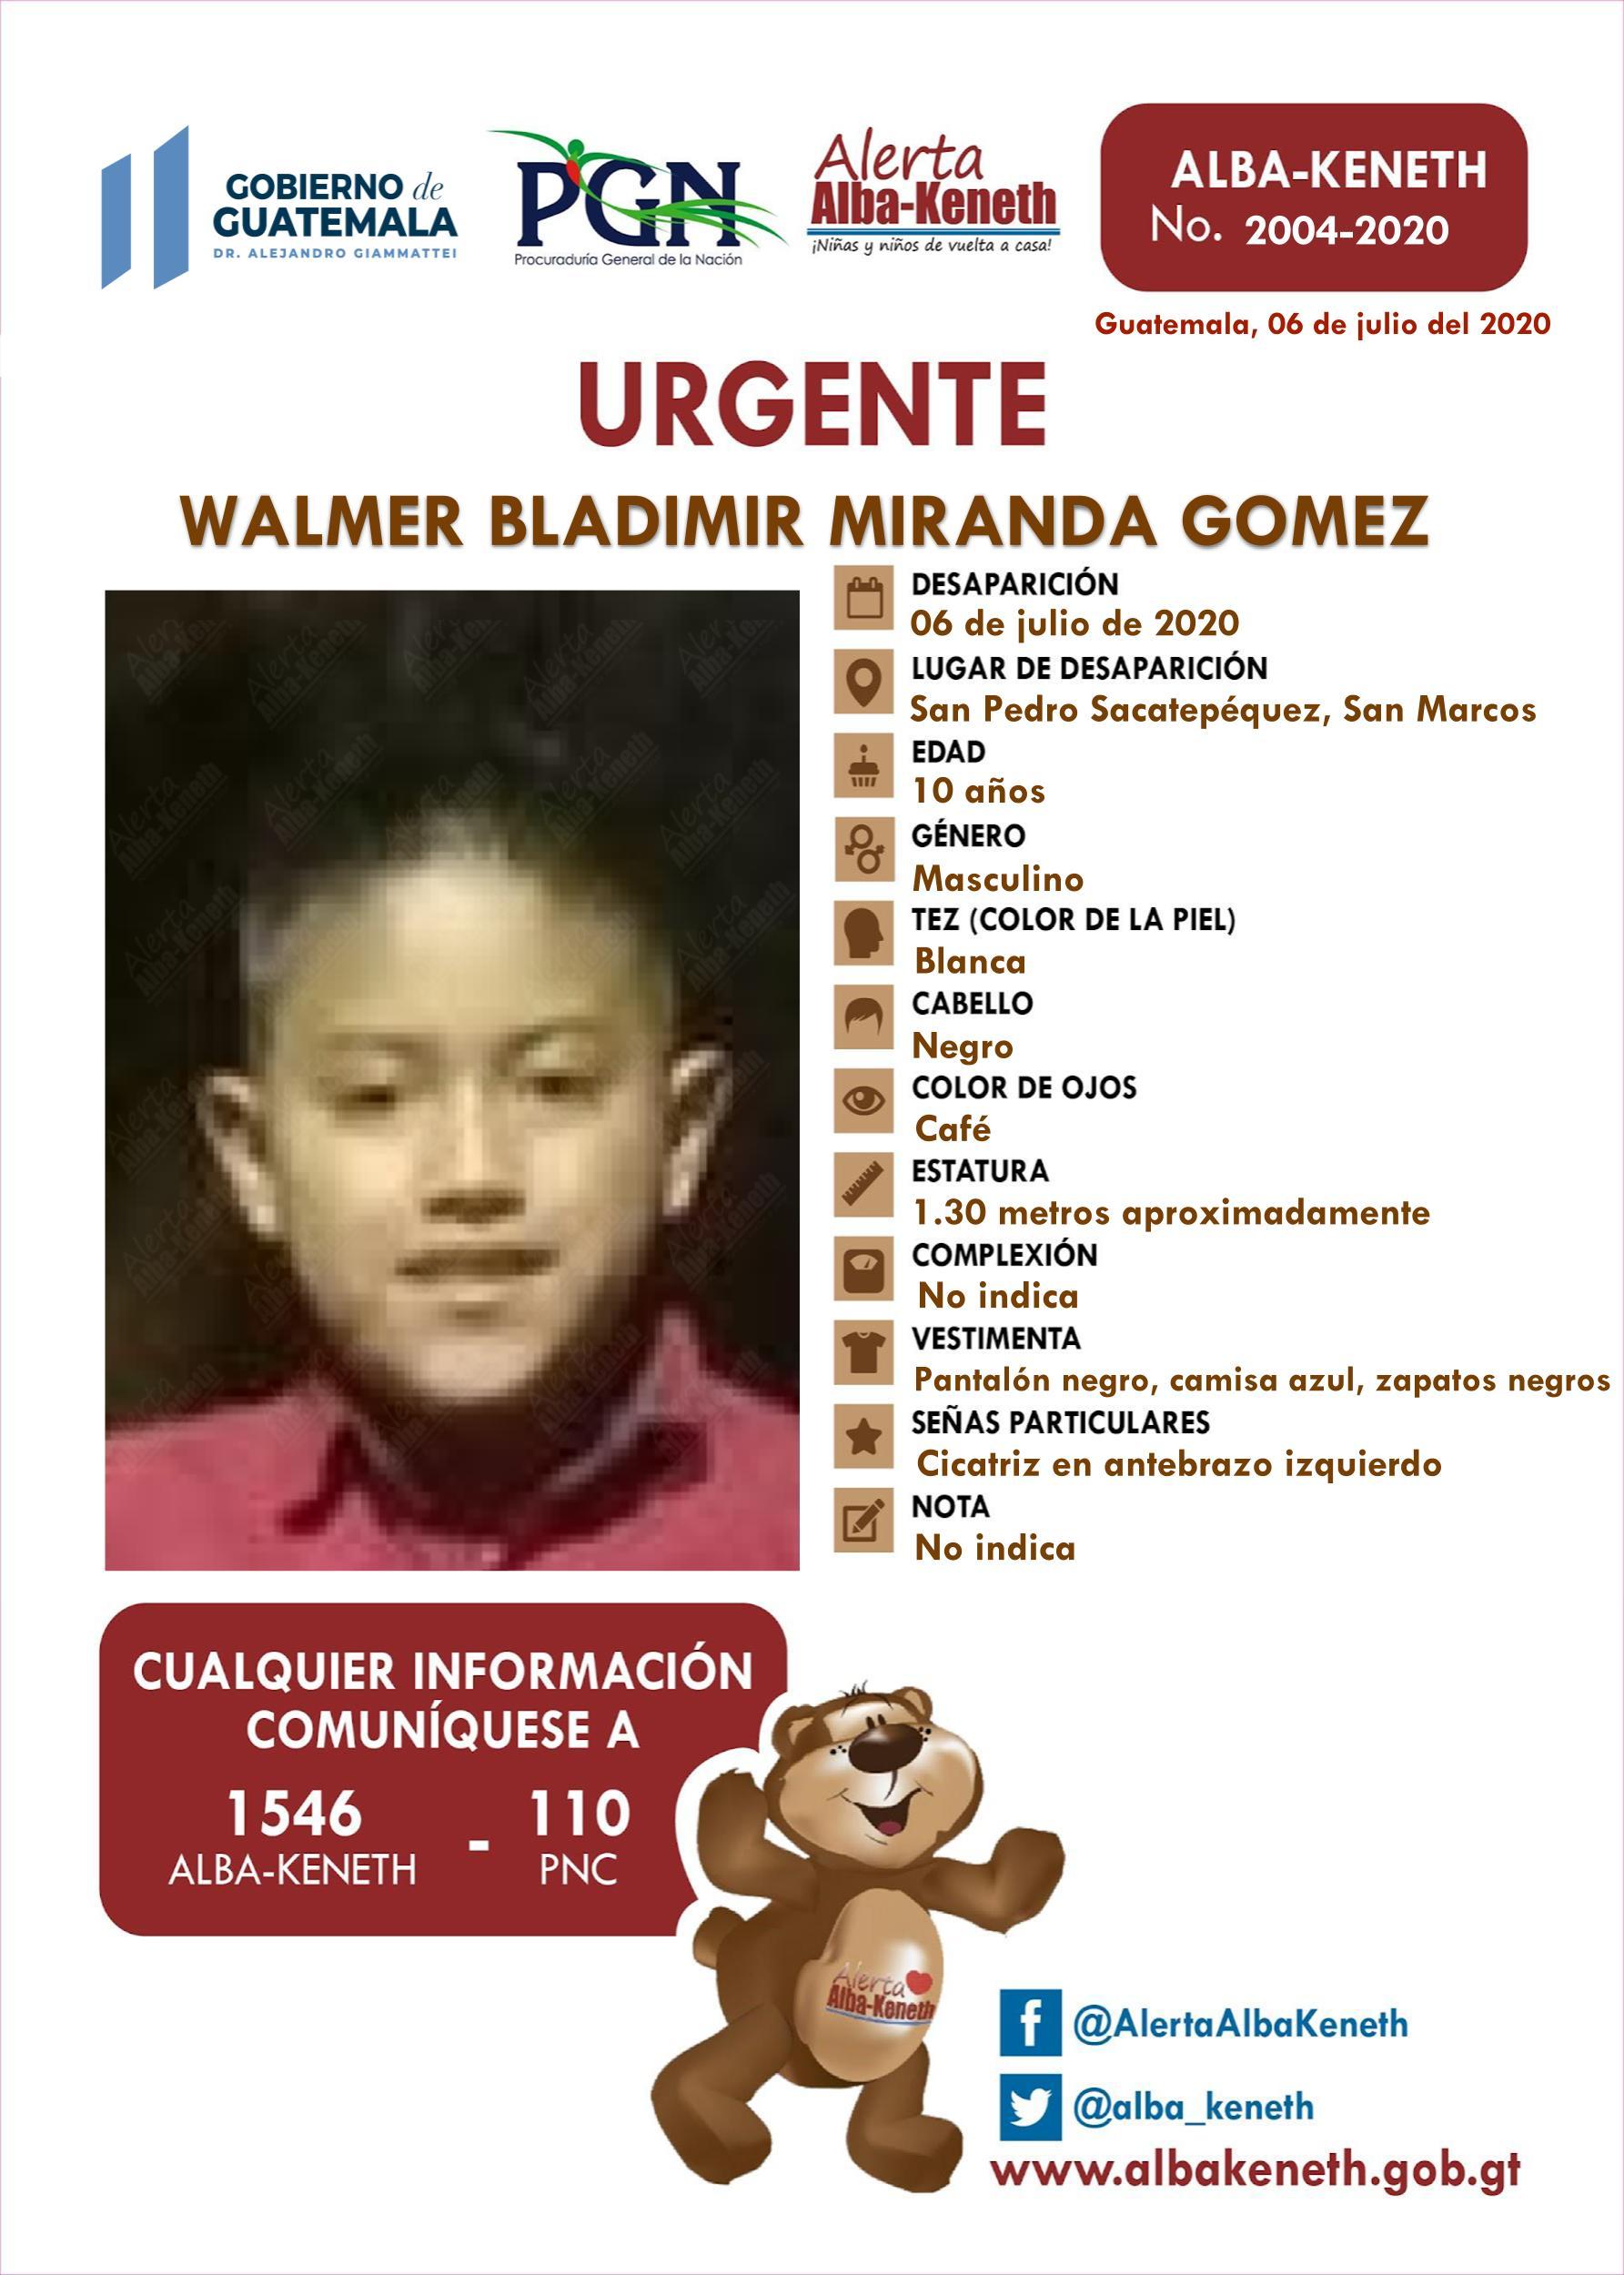 Walmer Bladimir Miranda Gomez